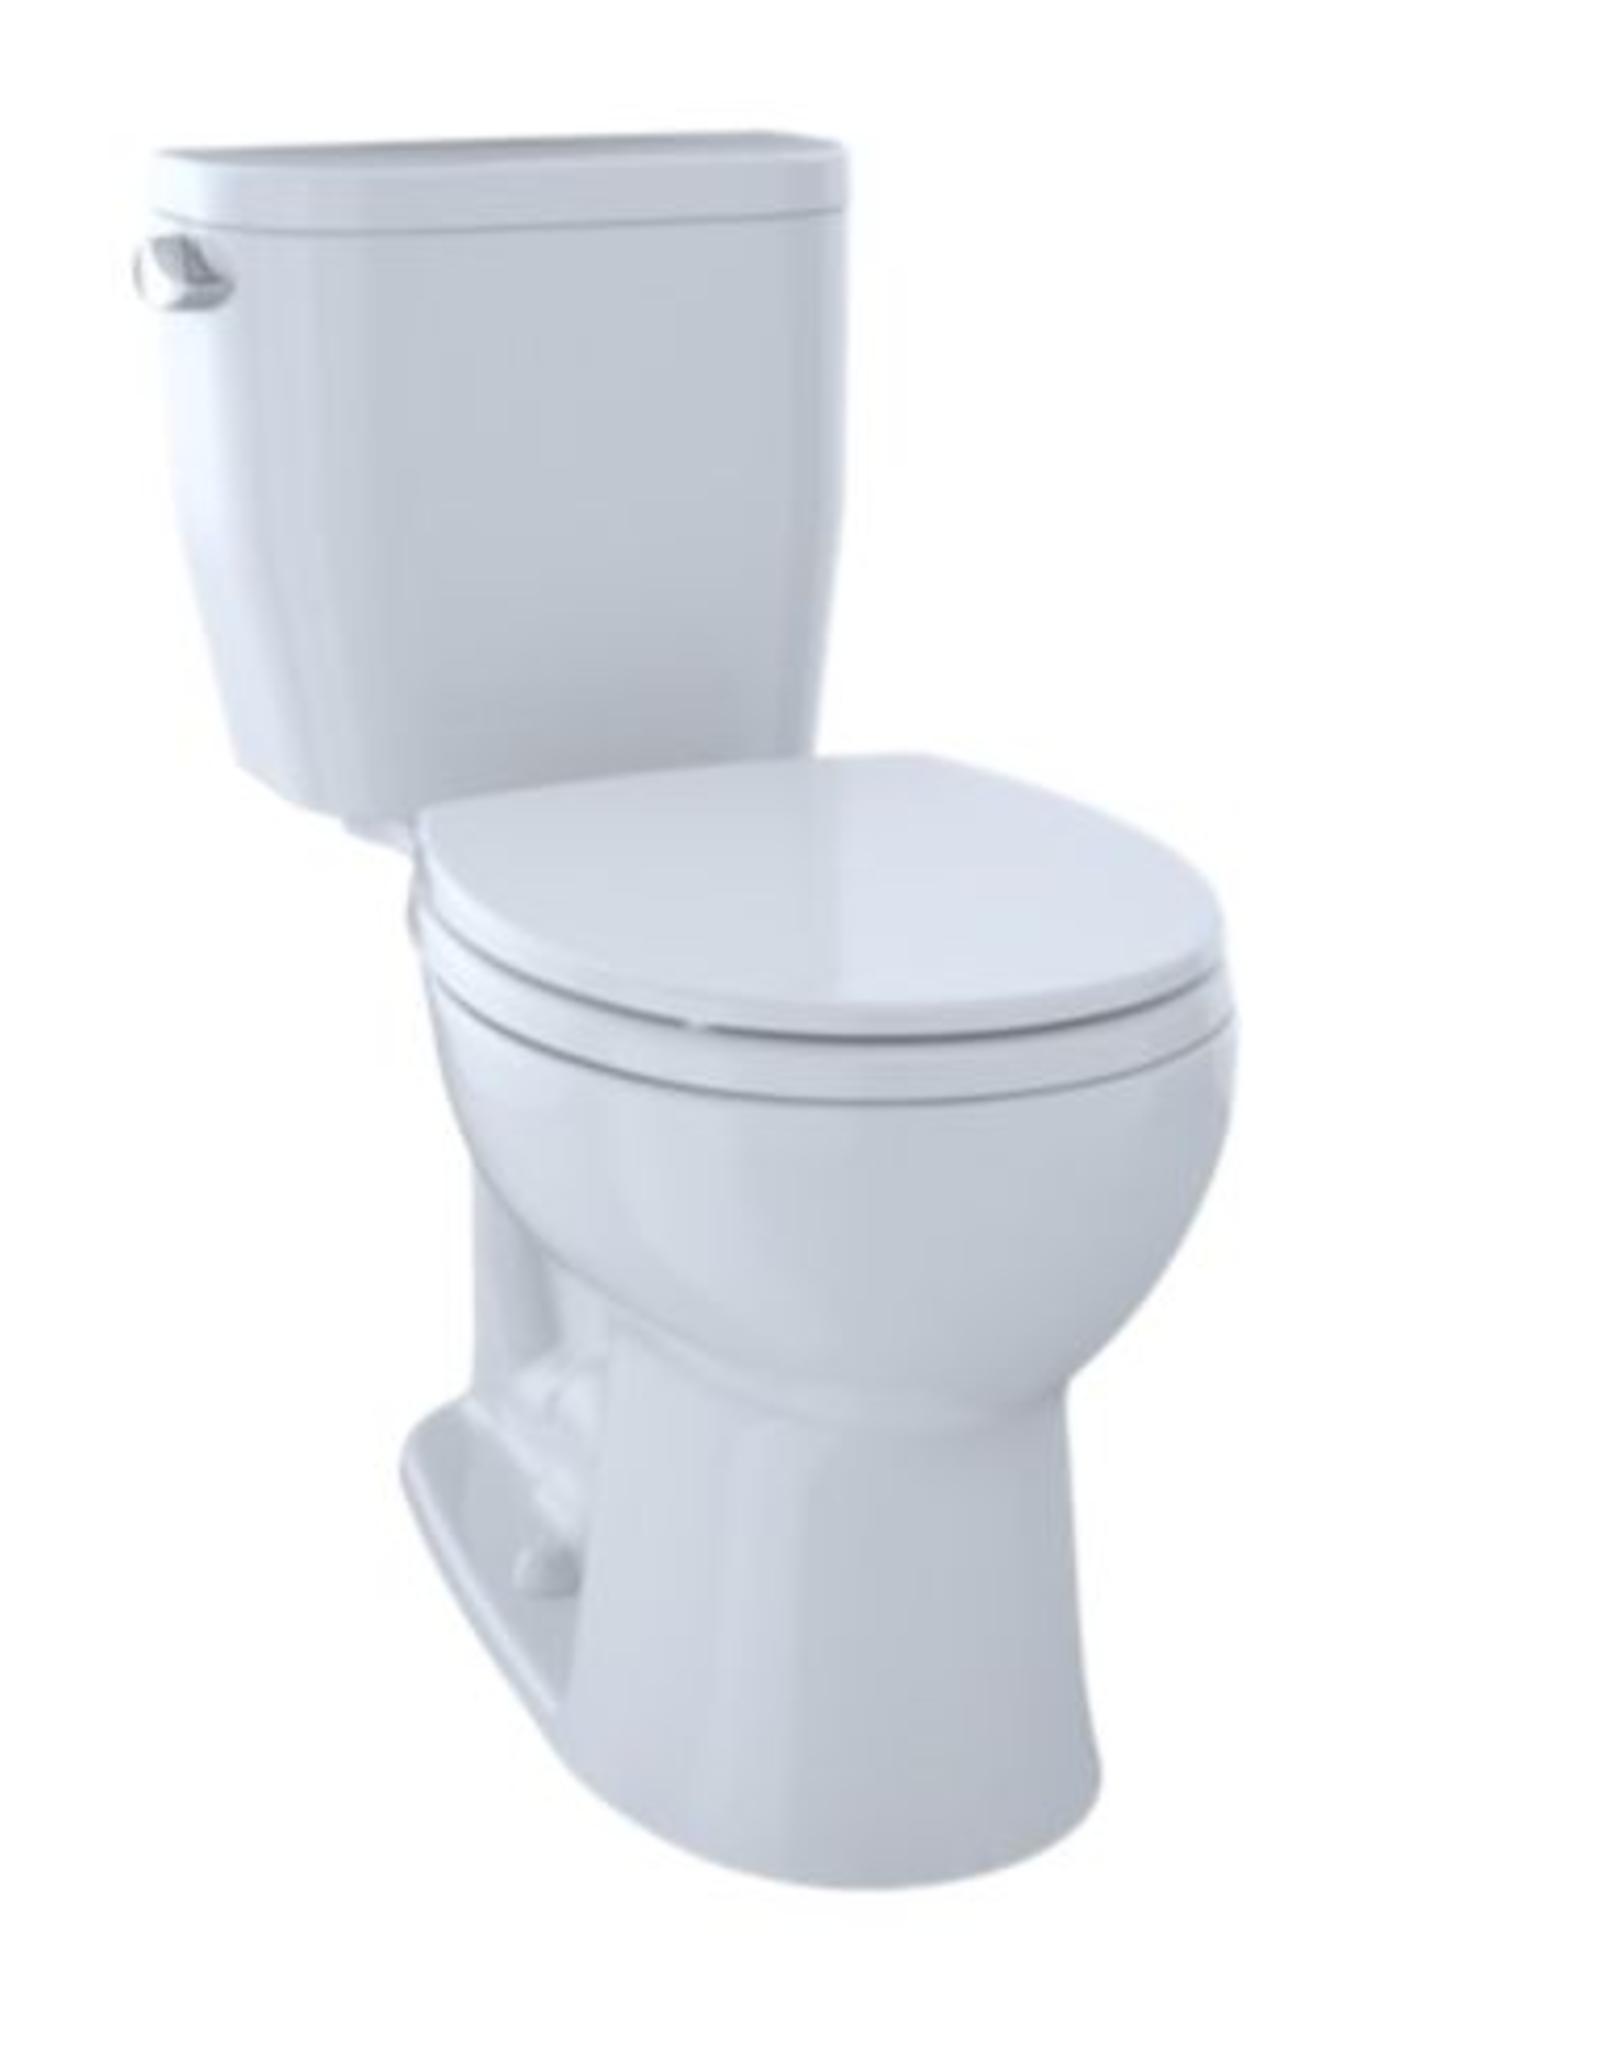 Toto Toto Entrada Right Height Round Toilet White w/ Seat